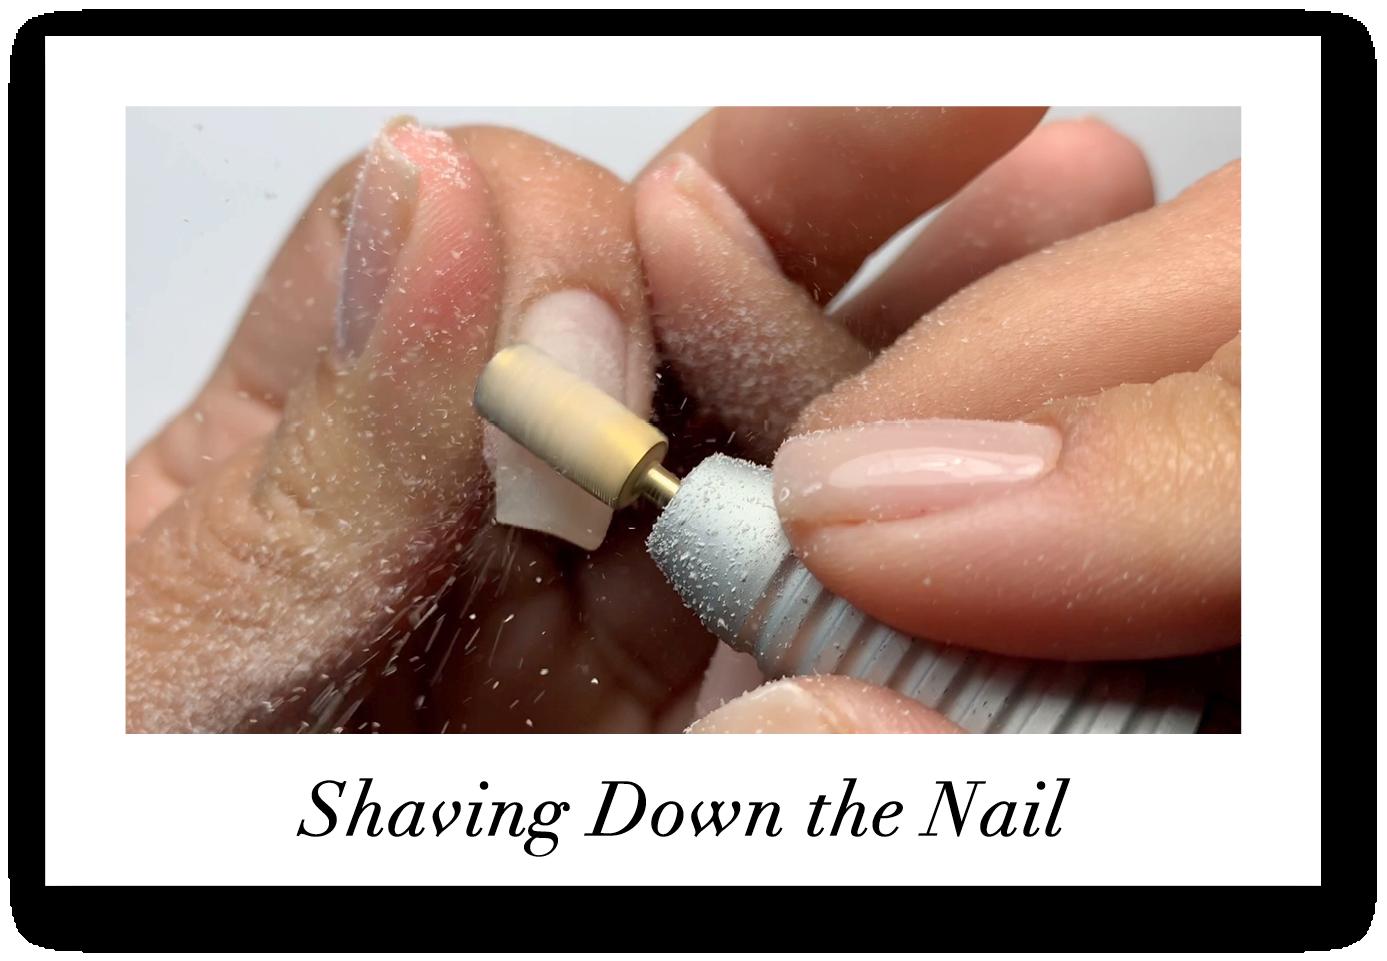 shavingdownnail_new.png